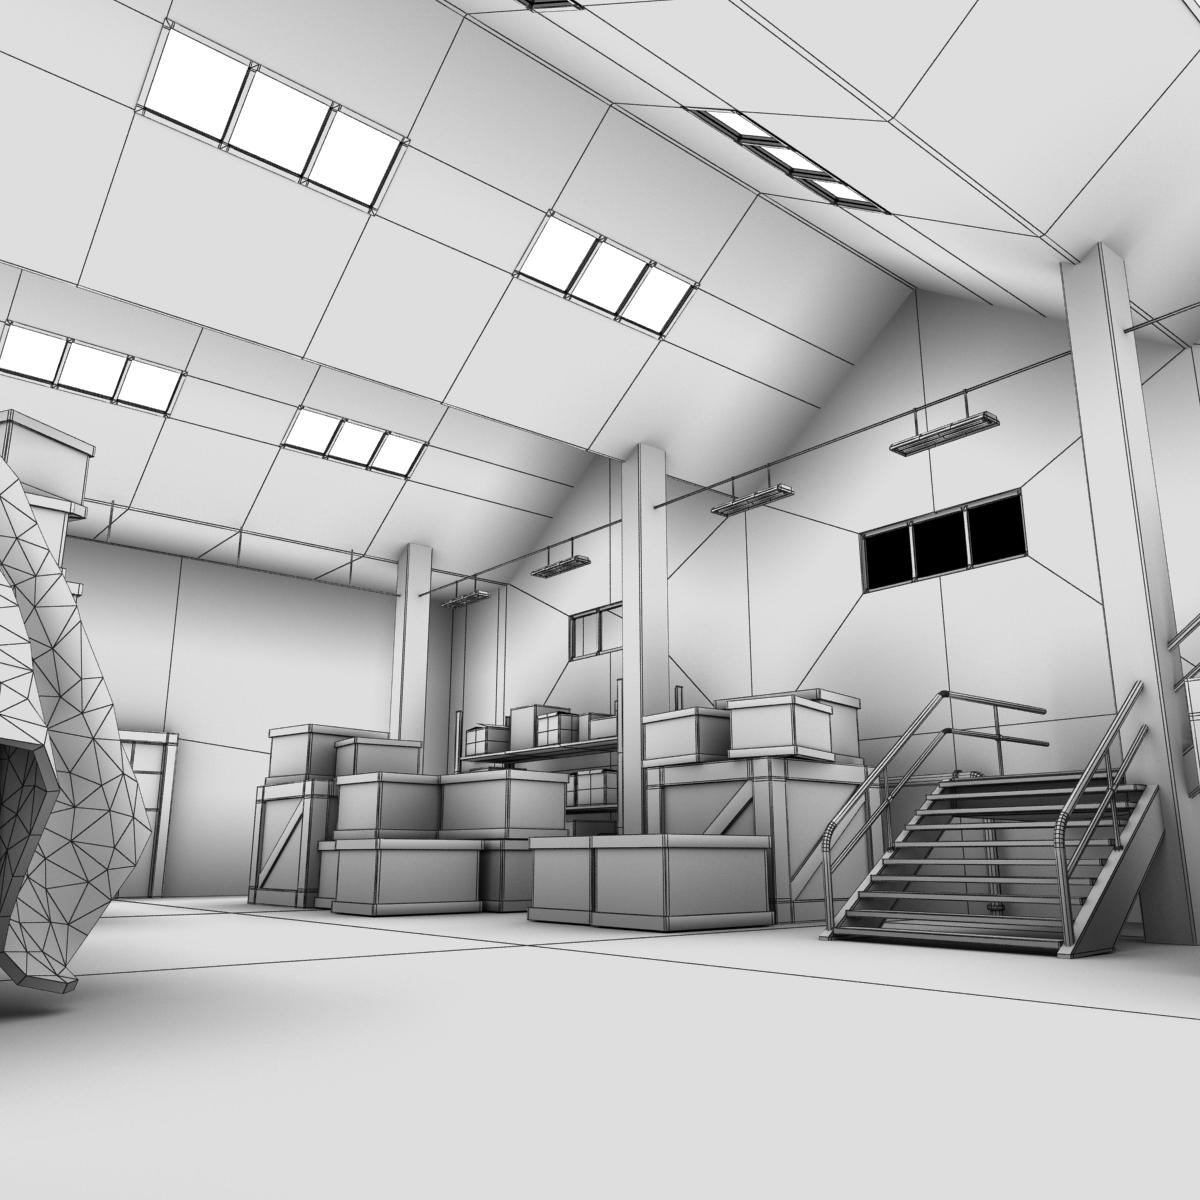 Warehouse Interior 3d Model Max Obj Fbx Lwo Lw Lws